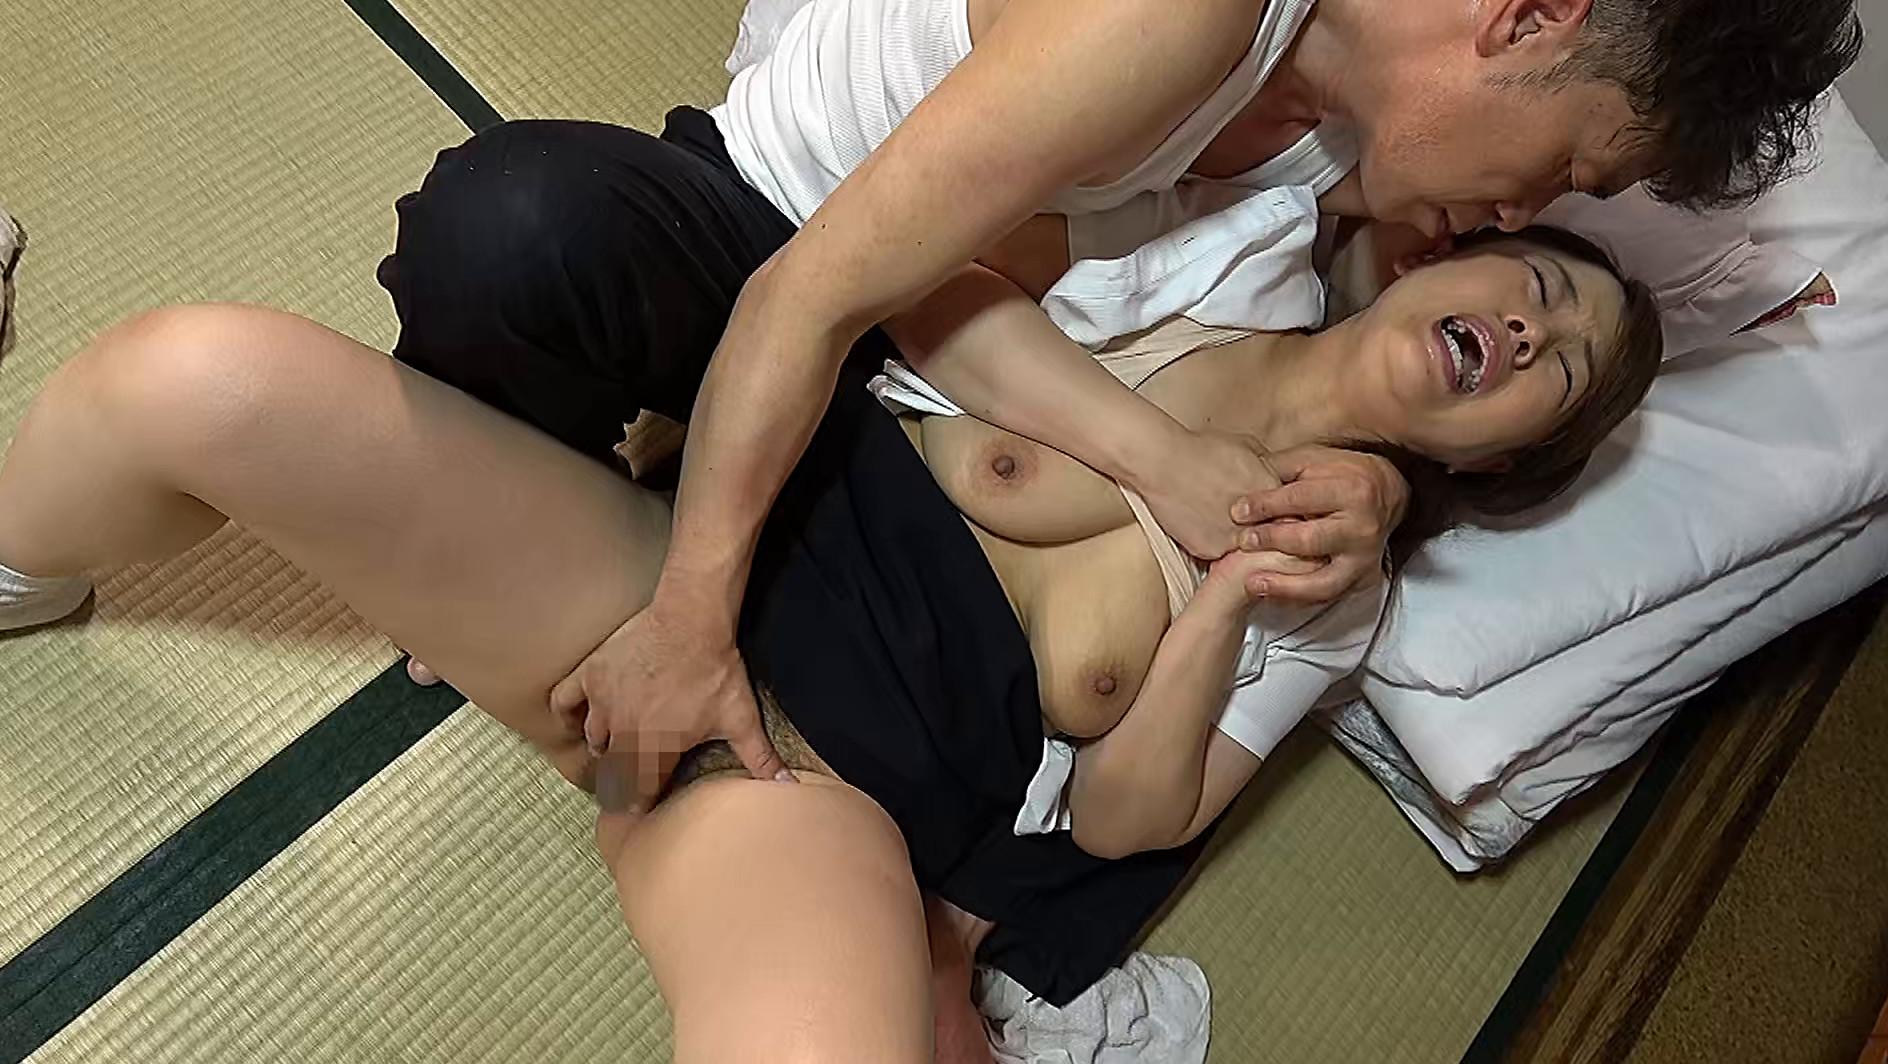 昭和猥褻官能ドラマ 明日、東京に引越しする憧れていた同級生を呼び出して・・・ 心優しい先生は教え子のお父さんに無理やり・・・ 画像19